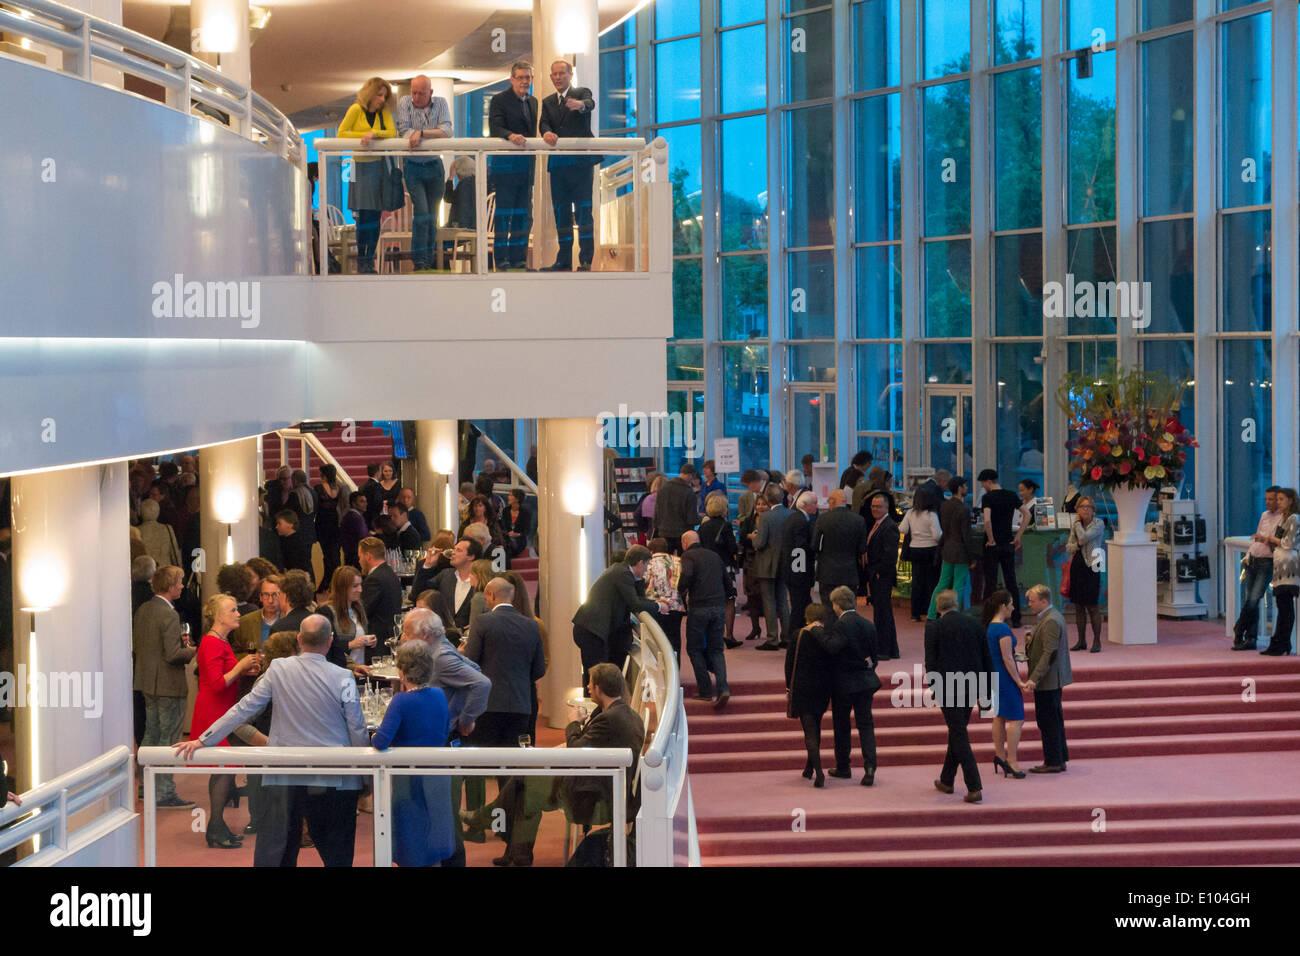 Amsterdam Stopera Innenraum Dutch National Oper Gebäude Foyer Halle mit Menschen Besucher am Eröffnungsabend während der Pause Stockbild